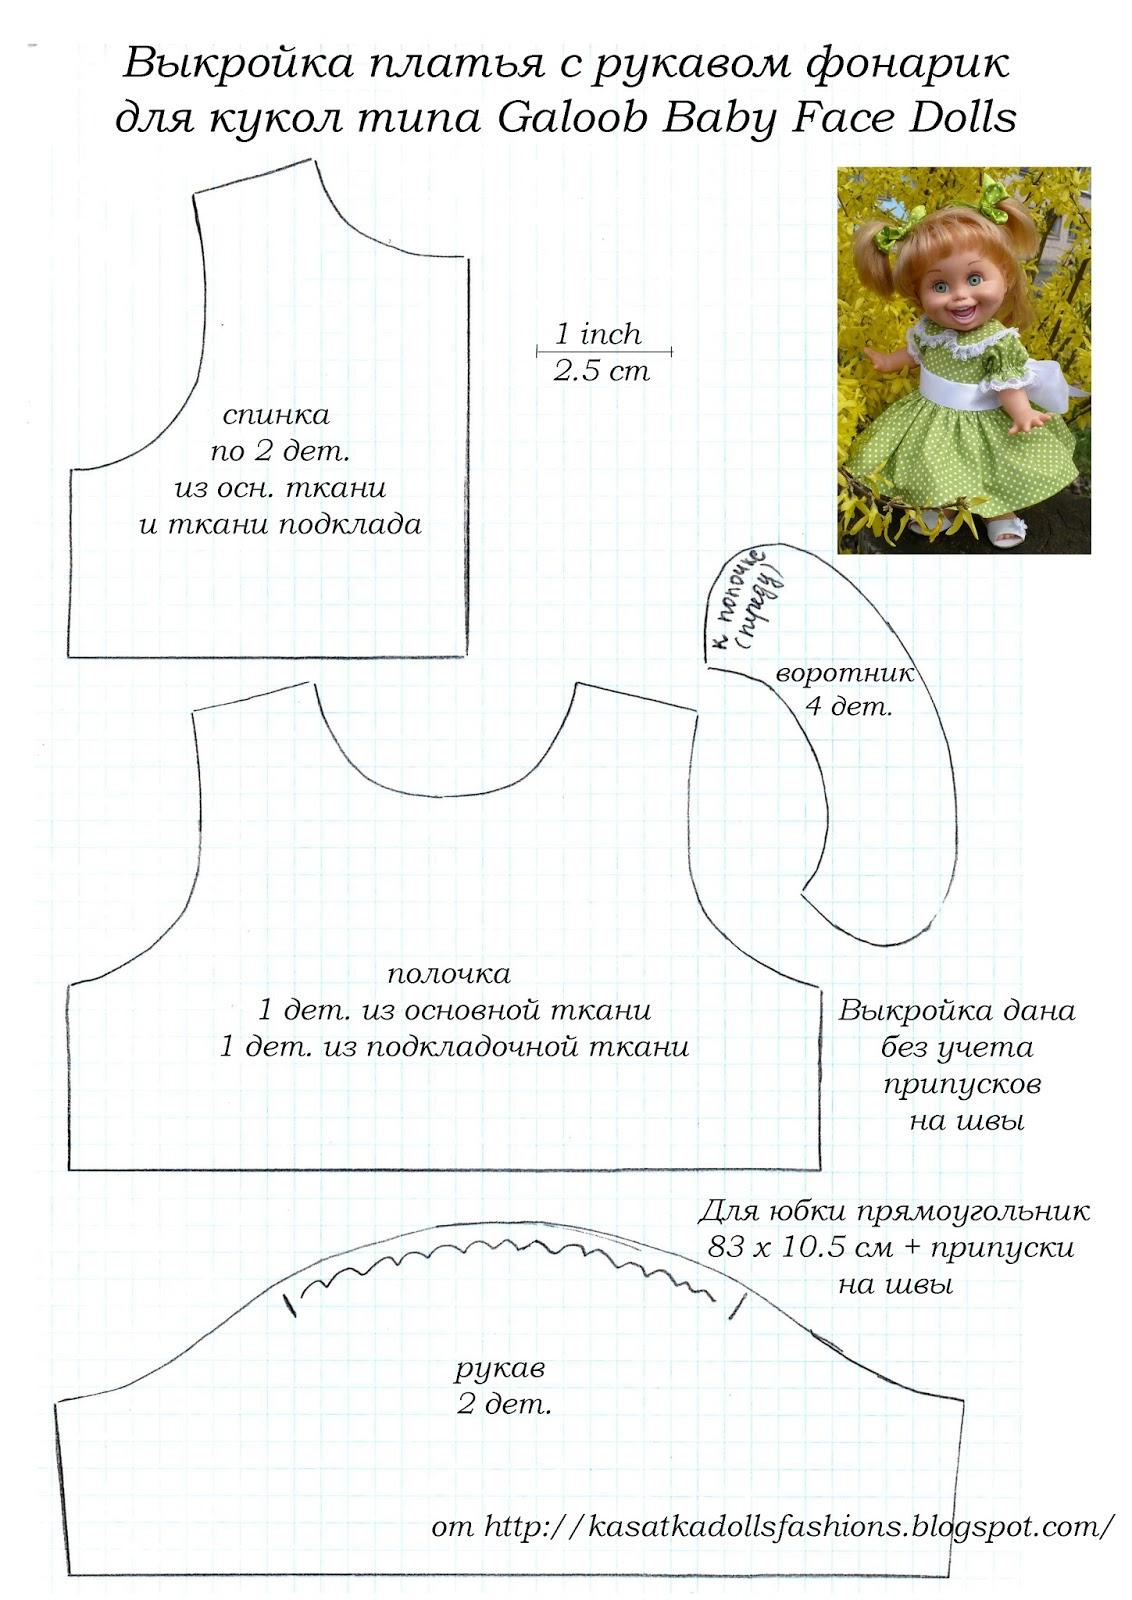 Выкройки платьев для куклы 40 см